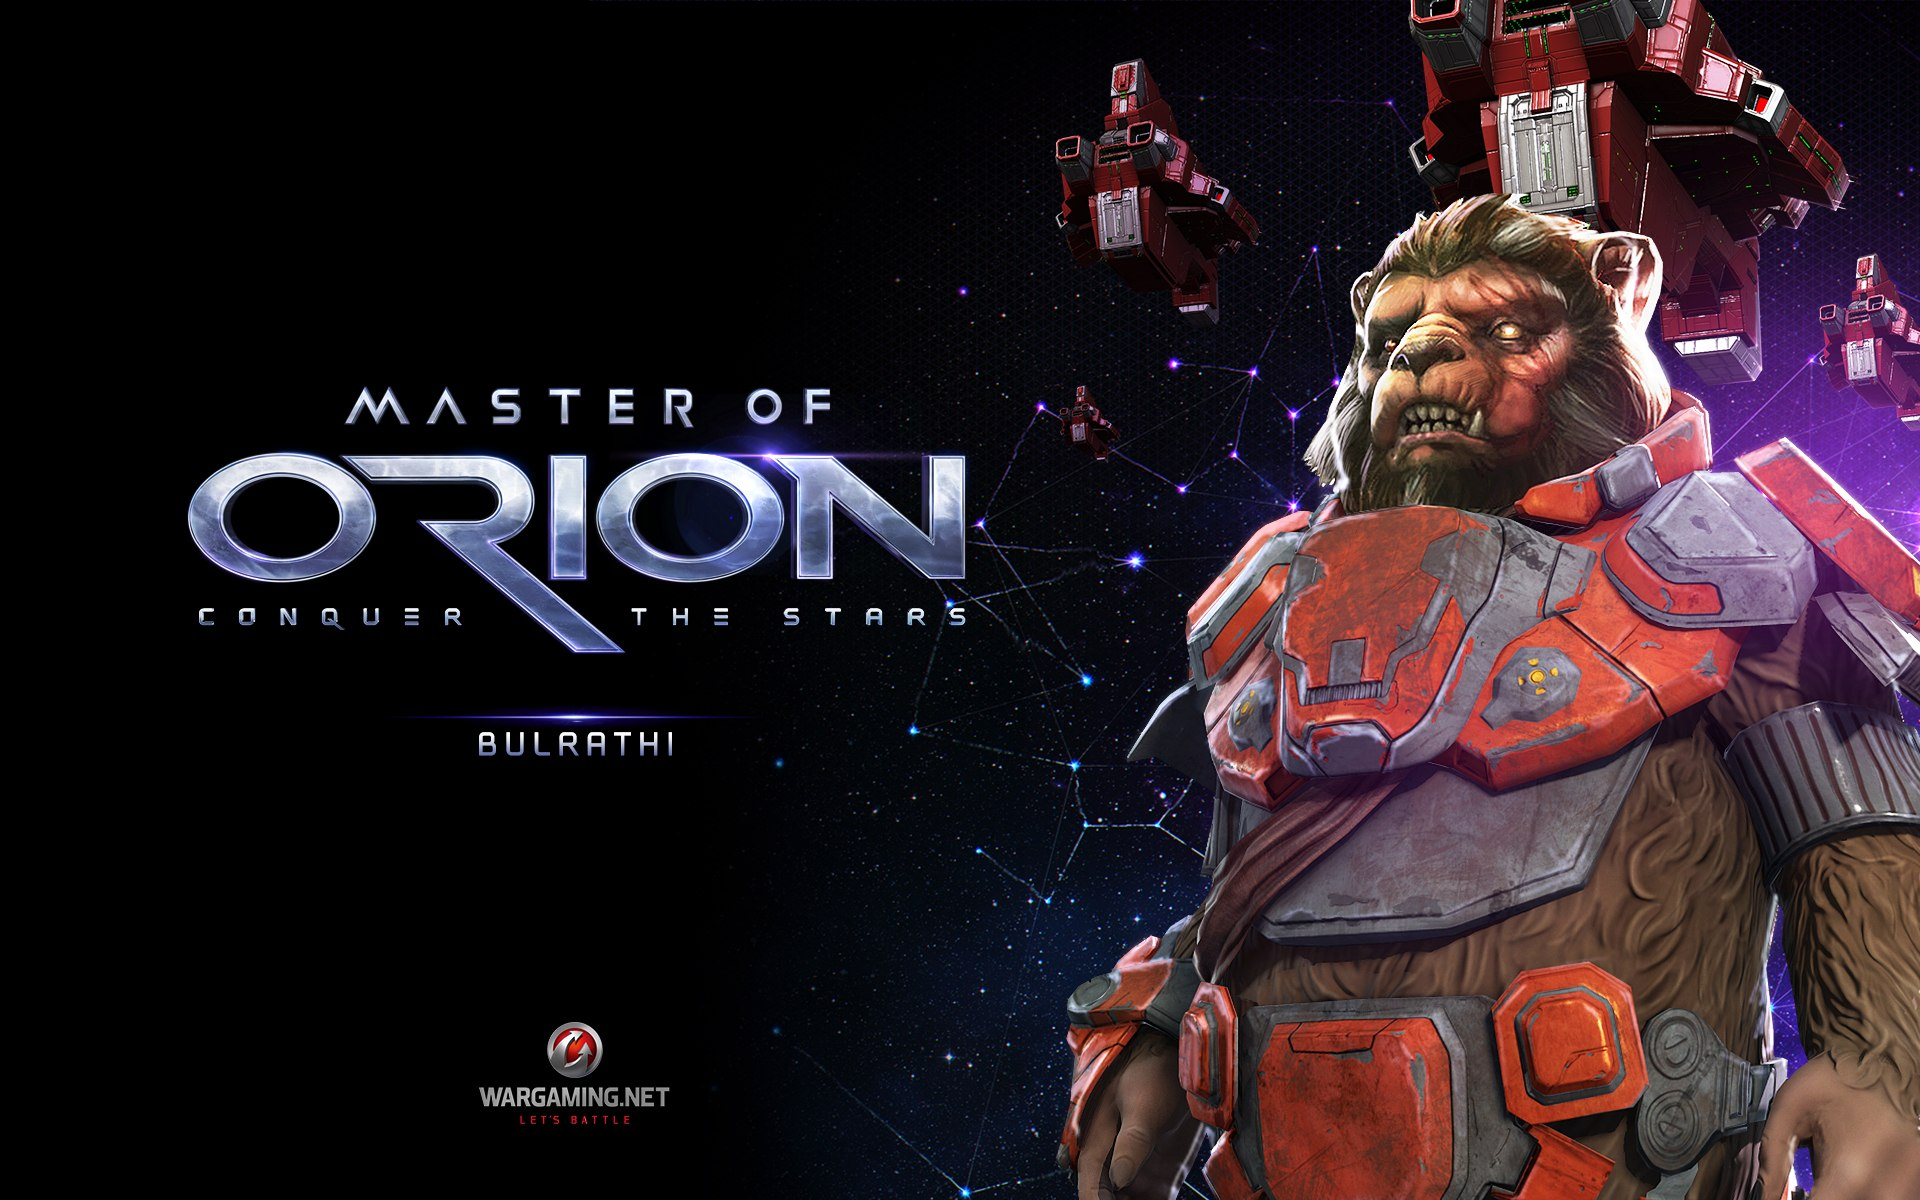 Master of orion как играть